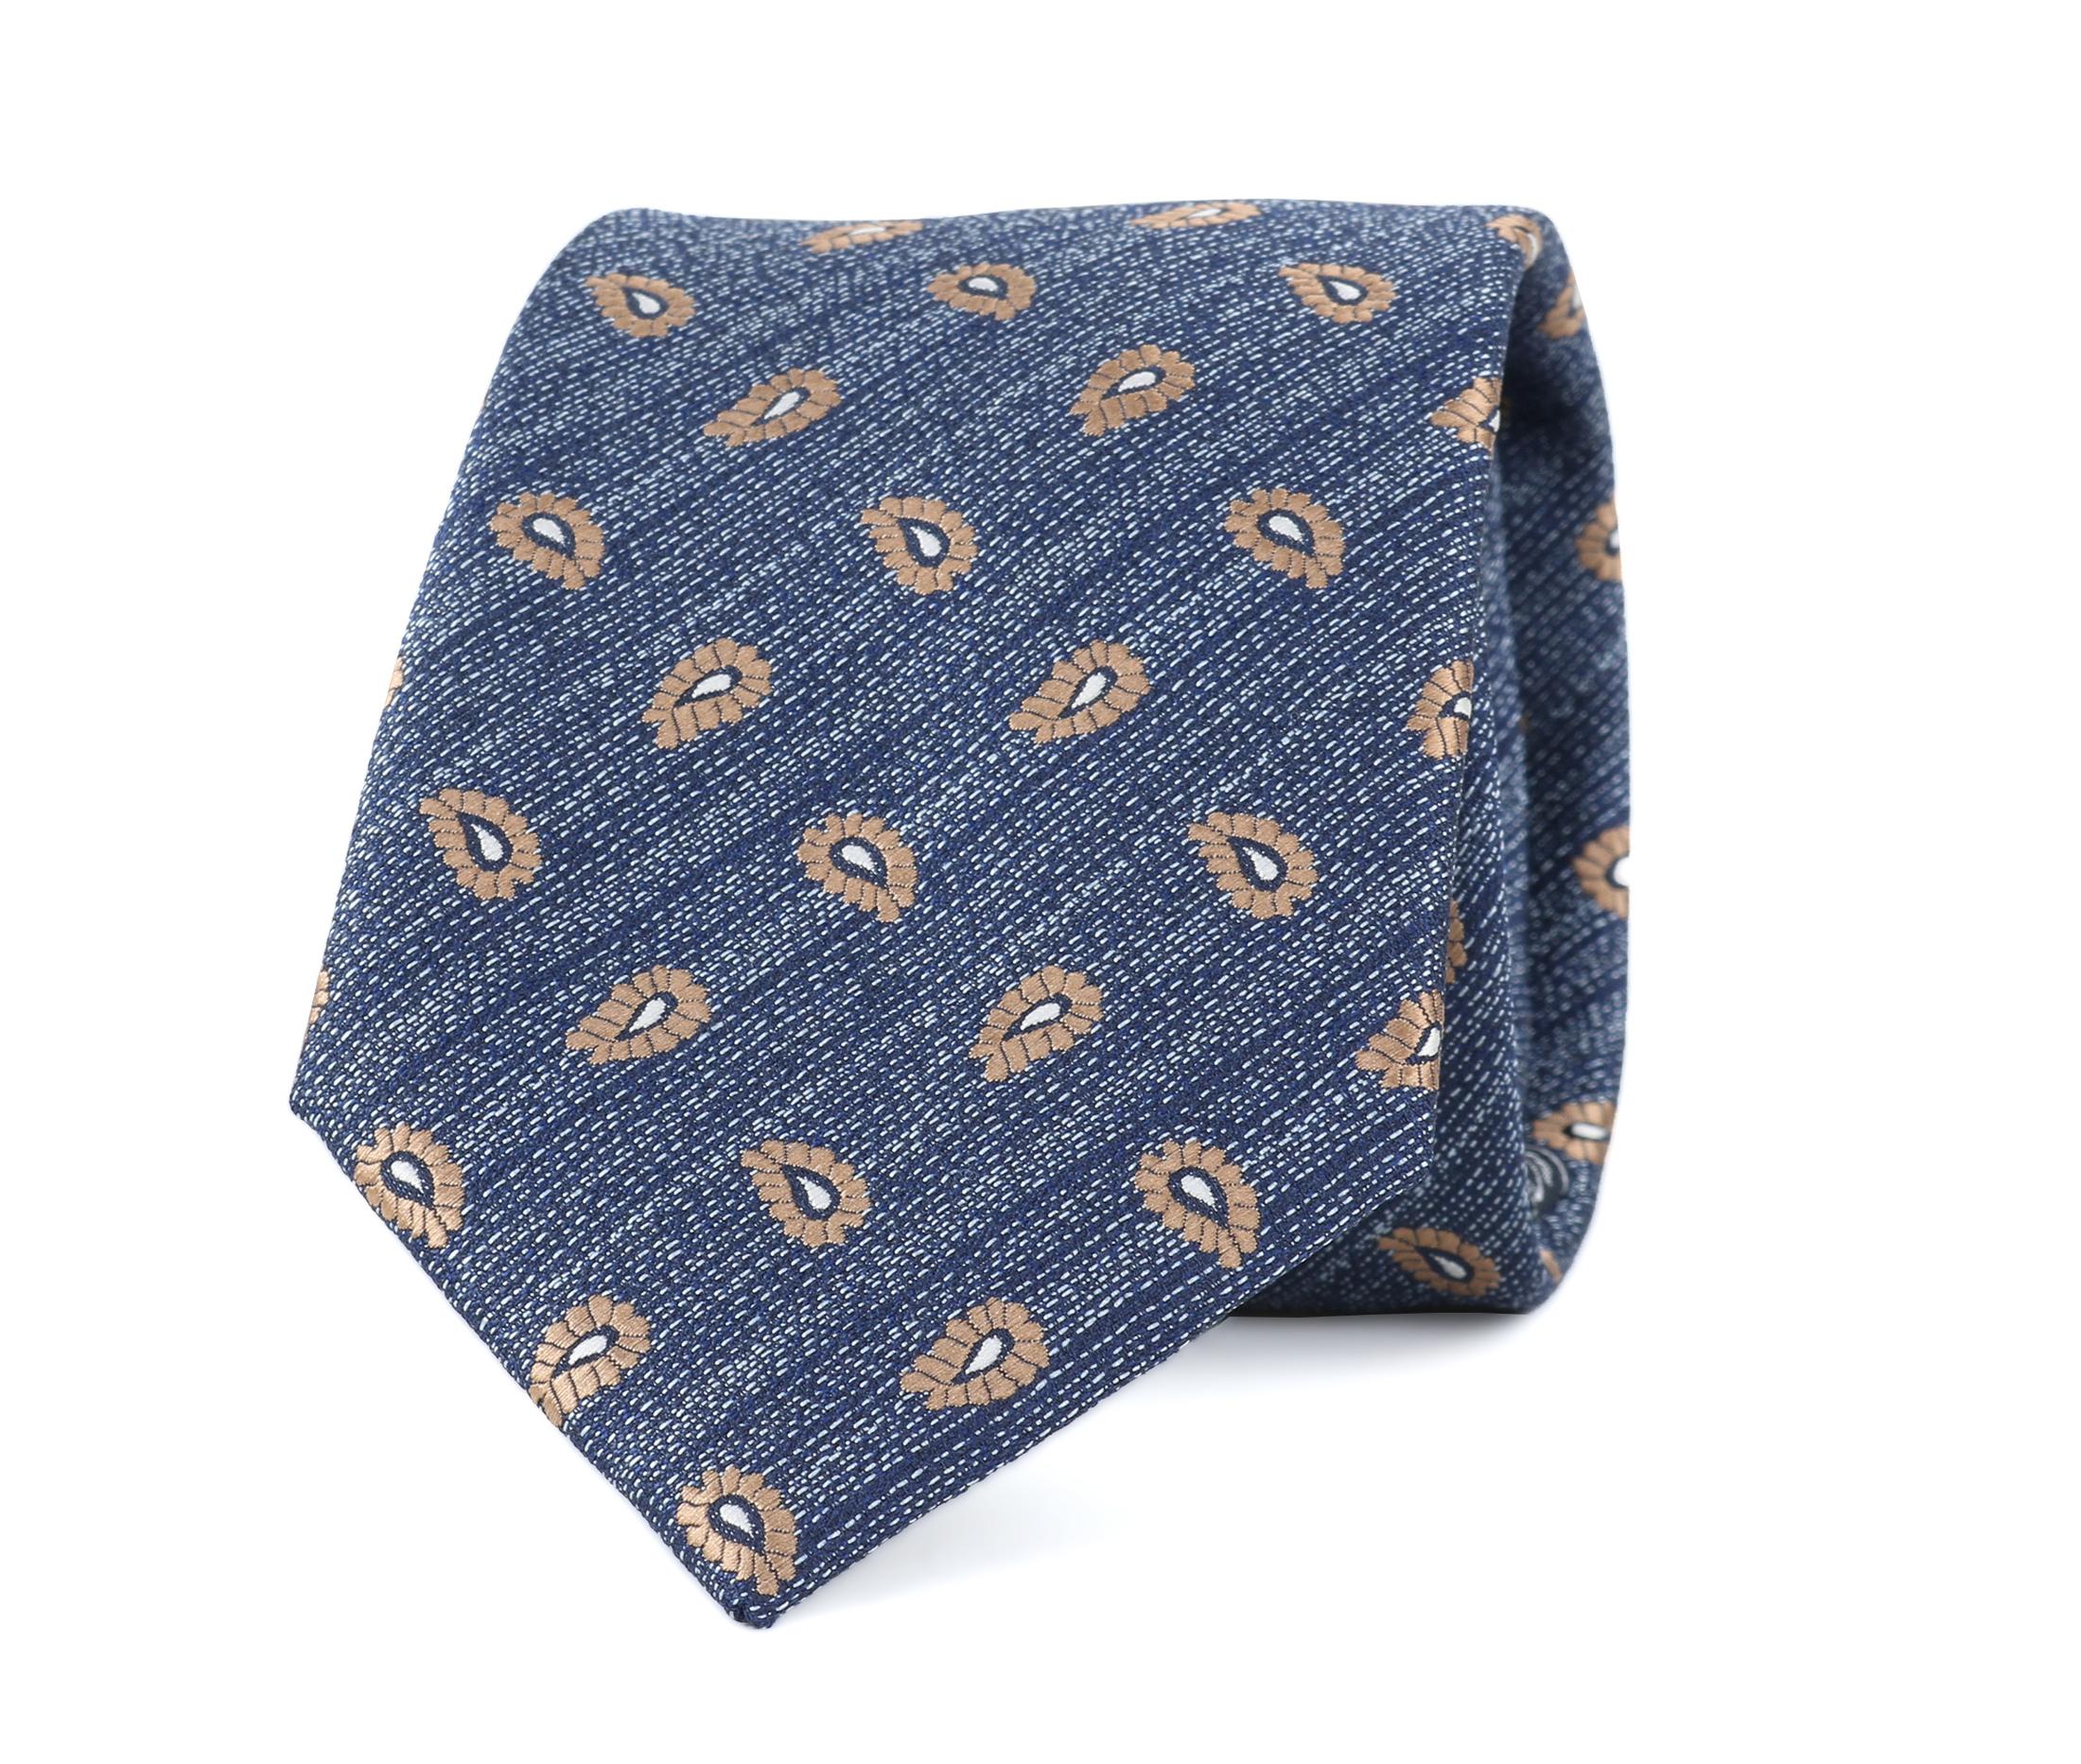 Krawatte Seide Paisley 9-17 foto 0